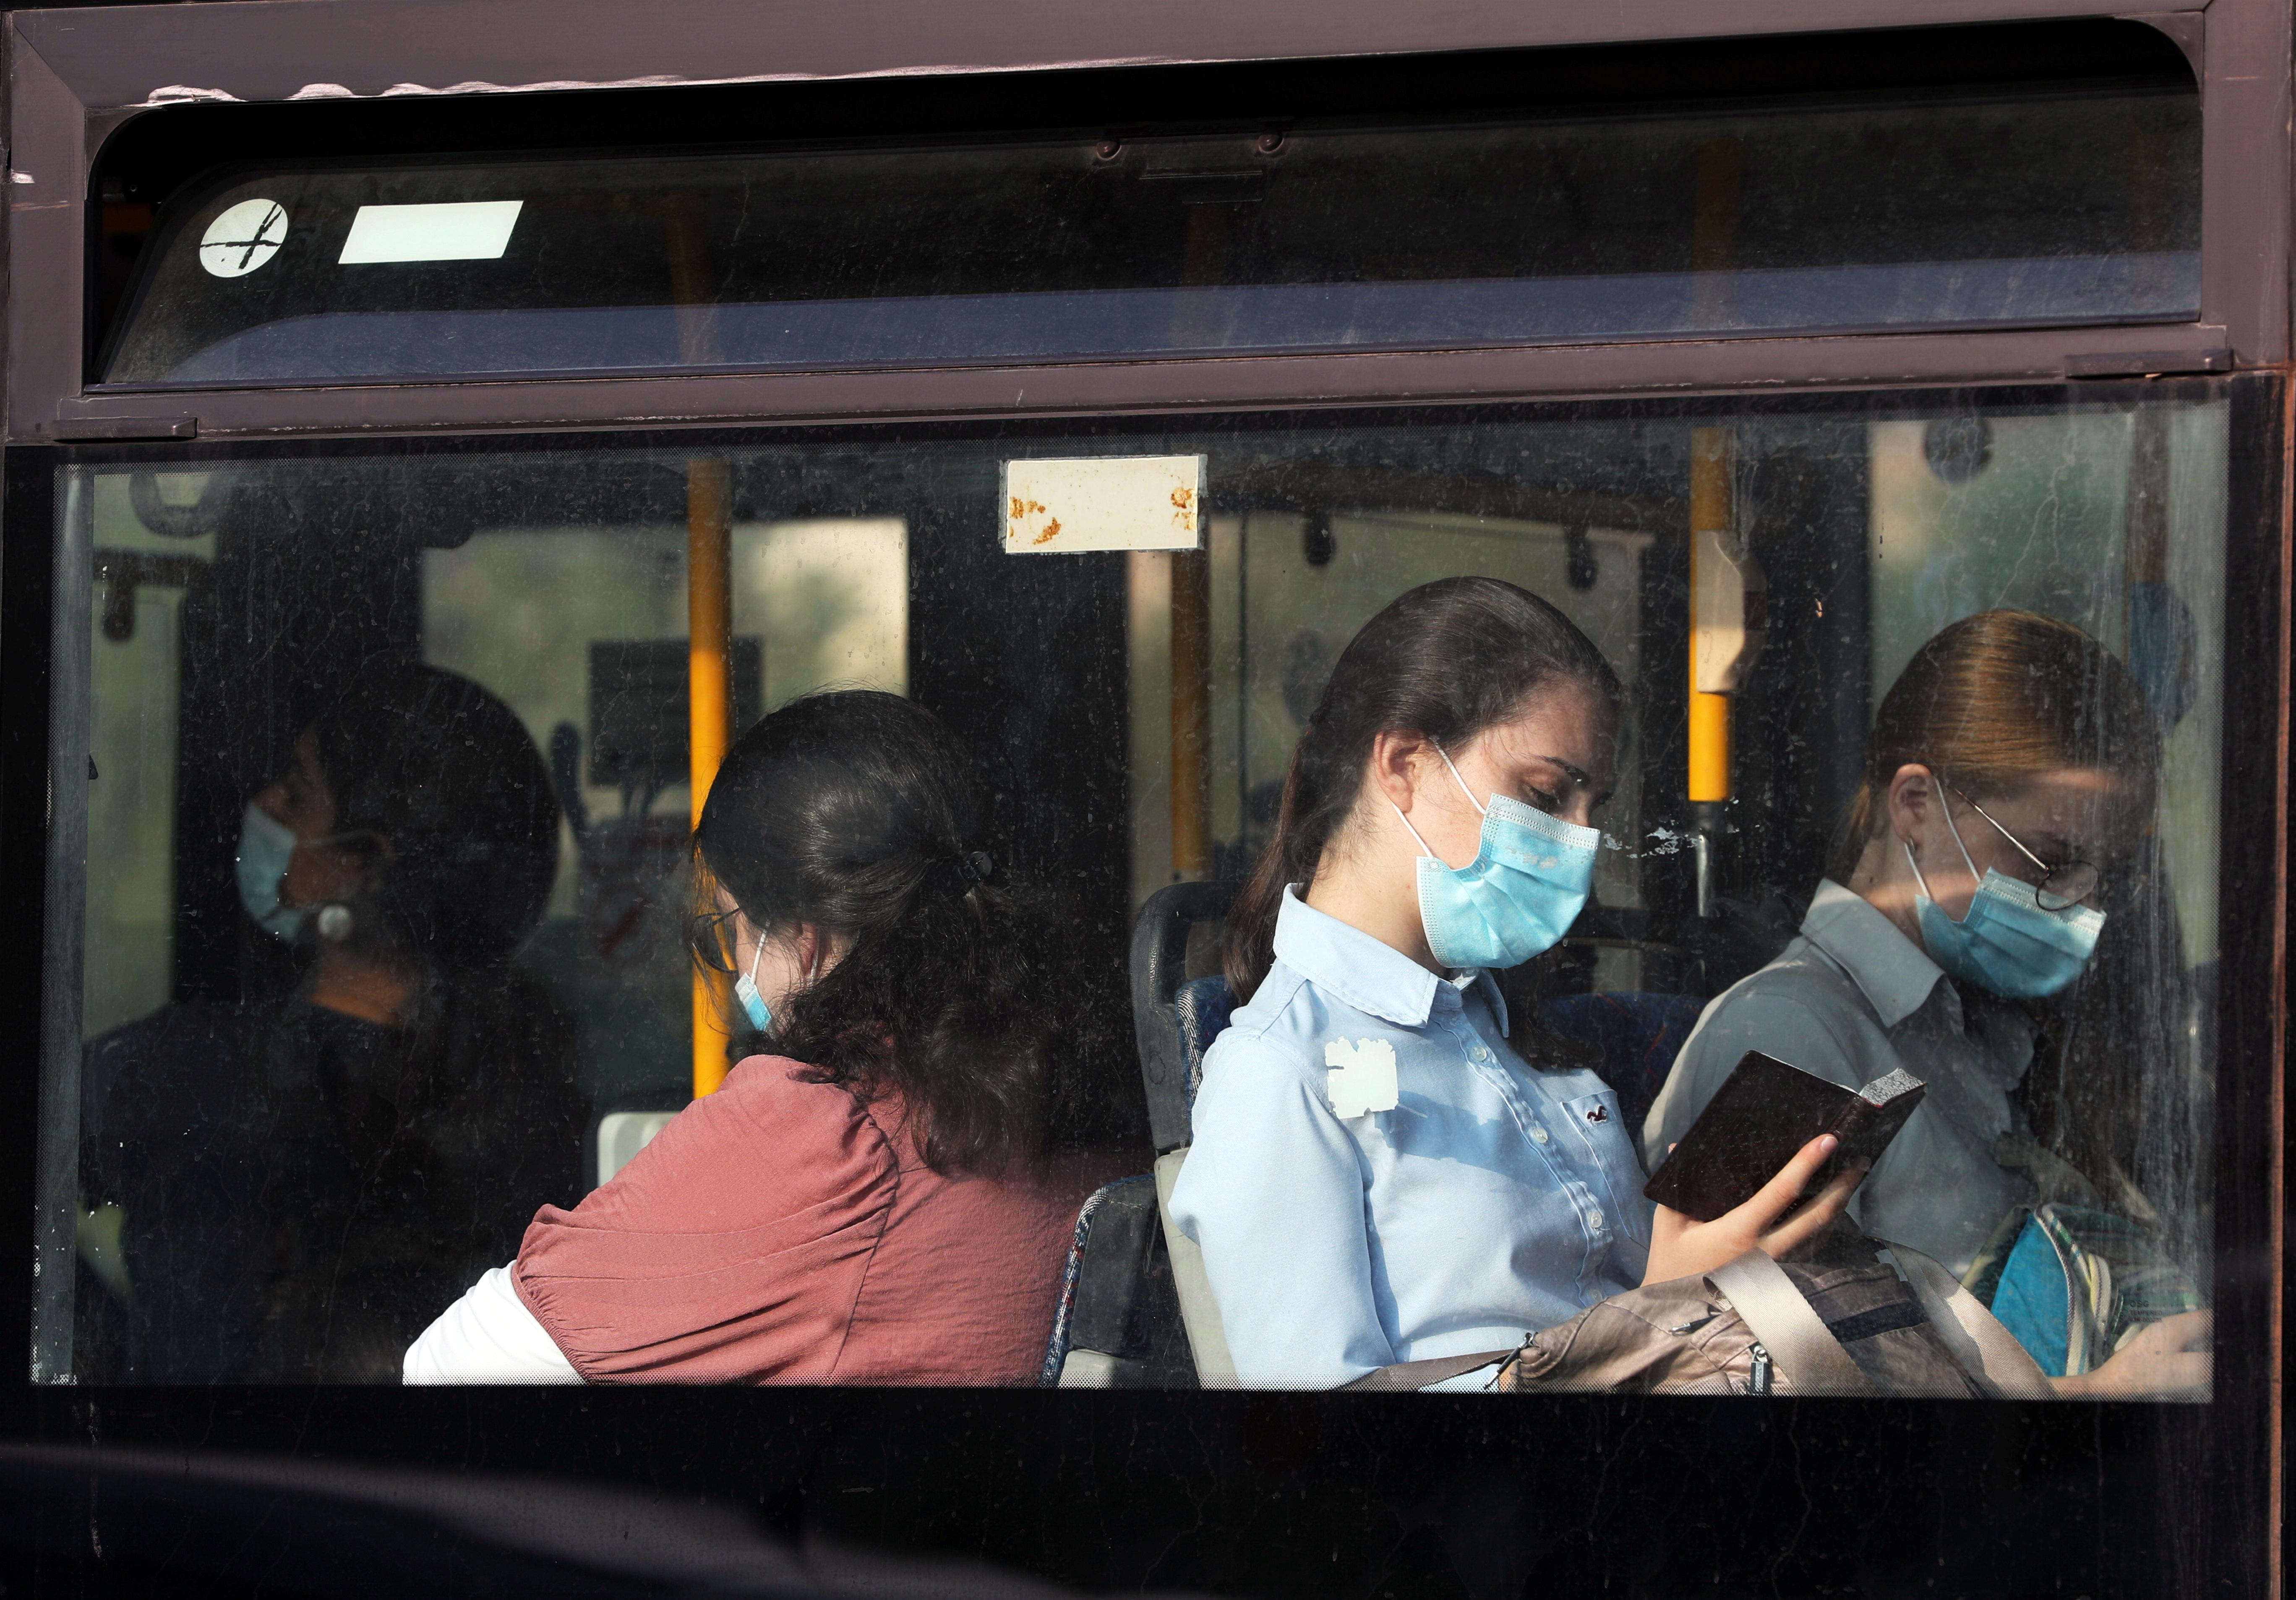 Мэрия Екатеринбурга опровергла разрешение выгонять из автобусов людей без масок